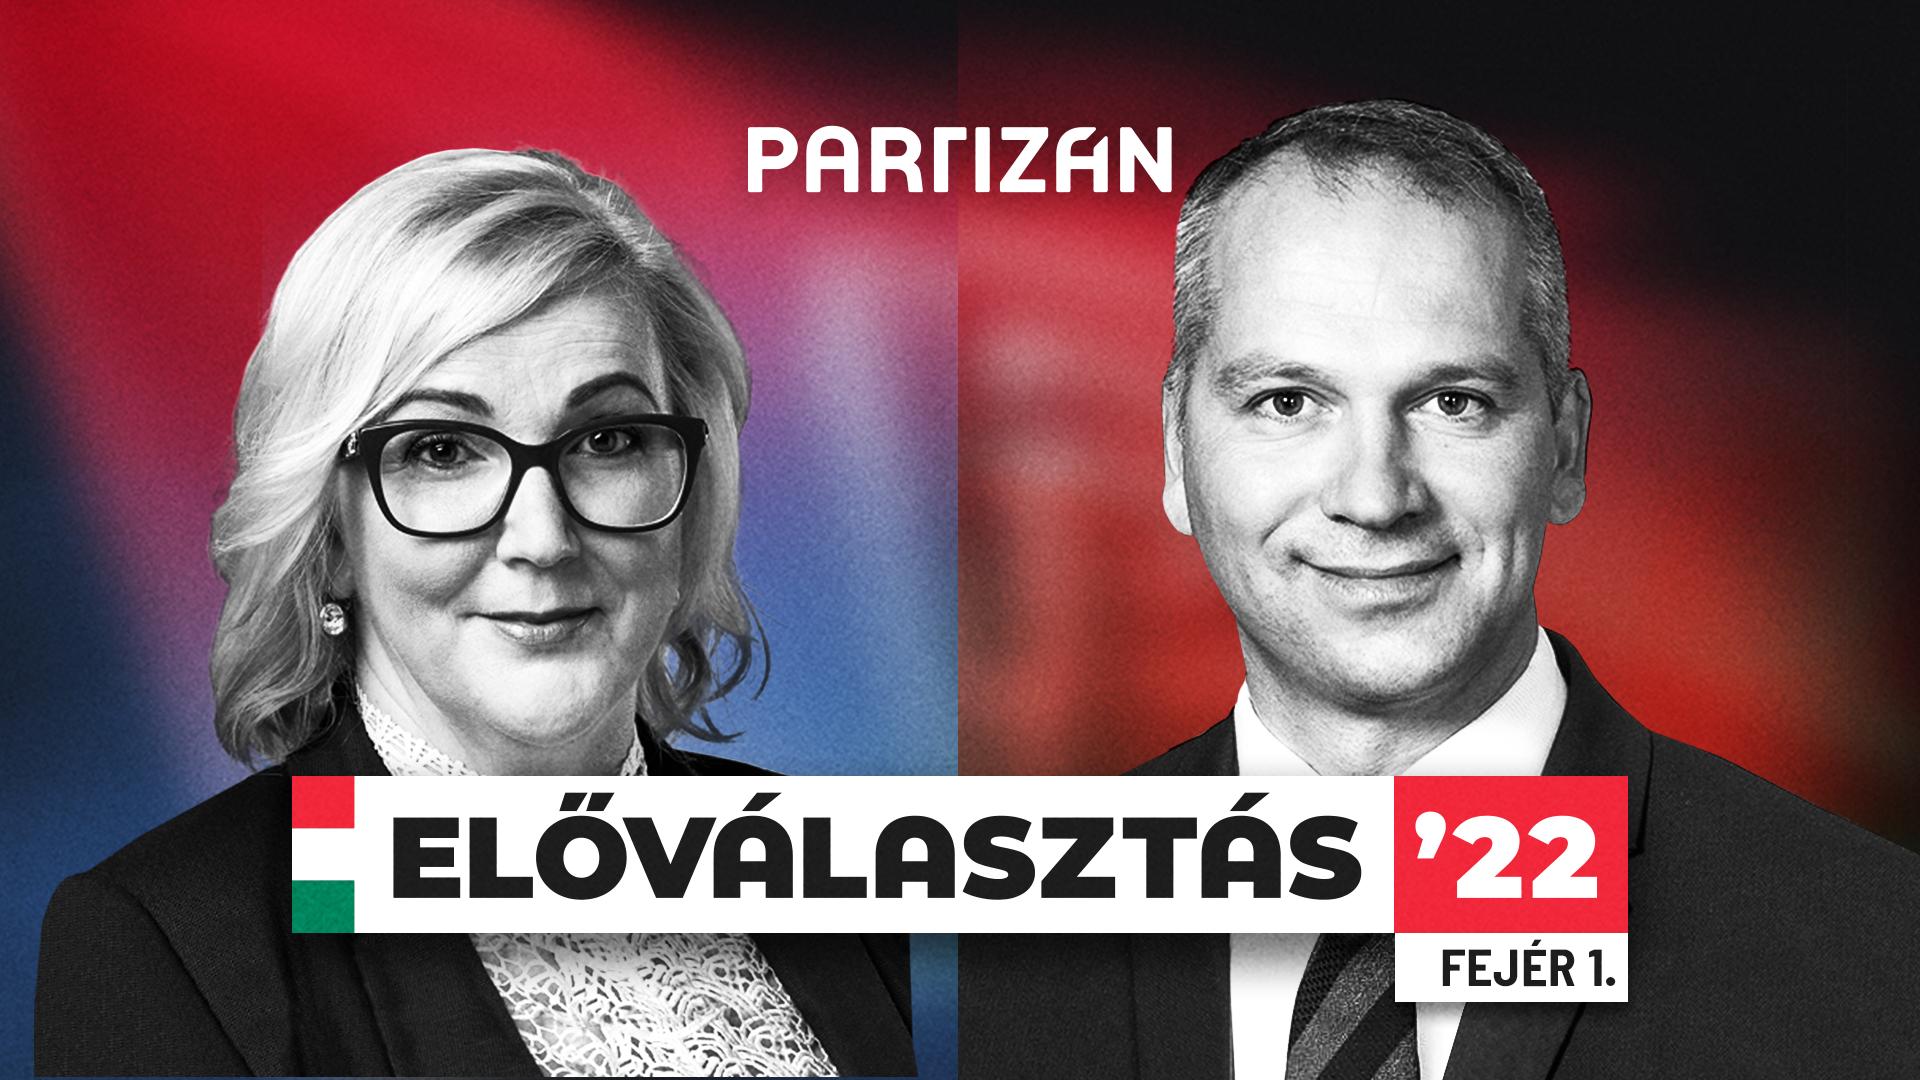 Pegasus-botrány, önkormányzati autonómia, megdrágult sportkomplexumok - kövesd velünk a székesfehérvári előválasztási vitát!